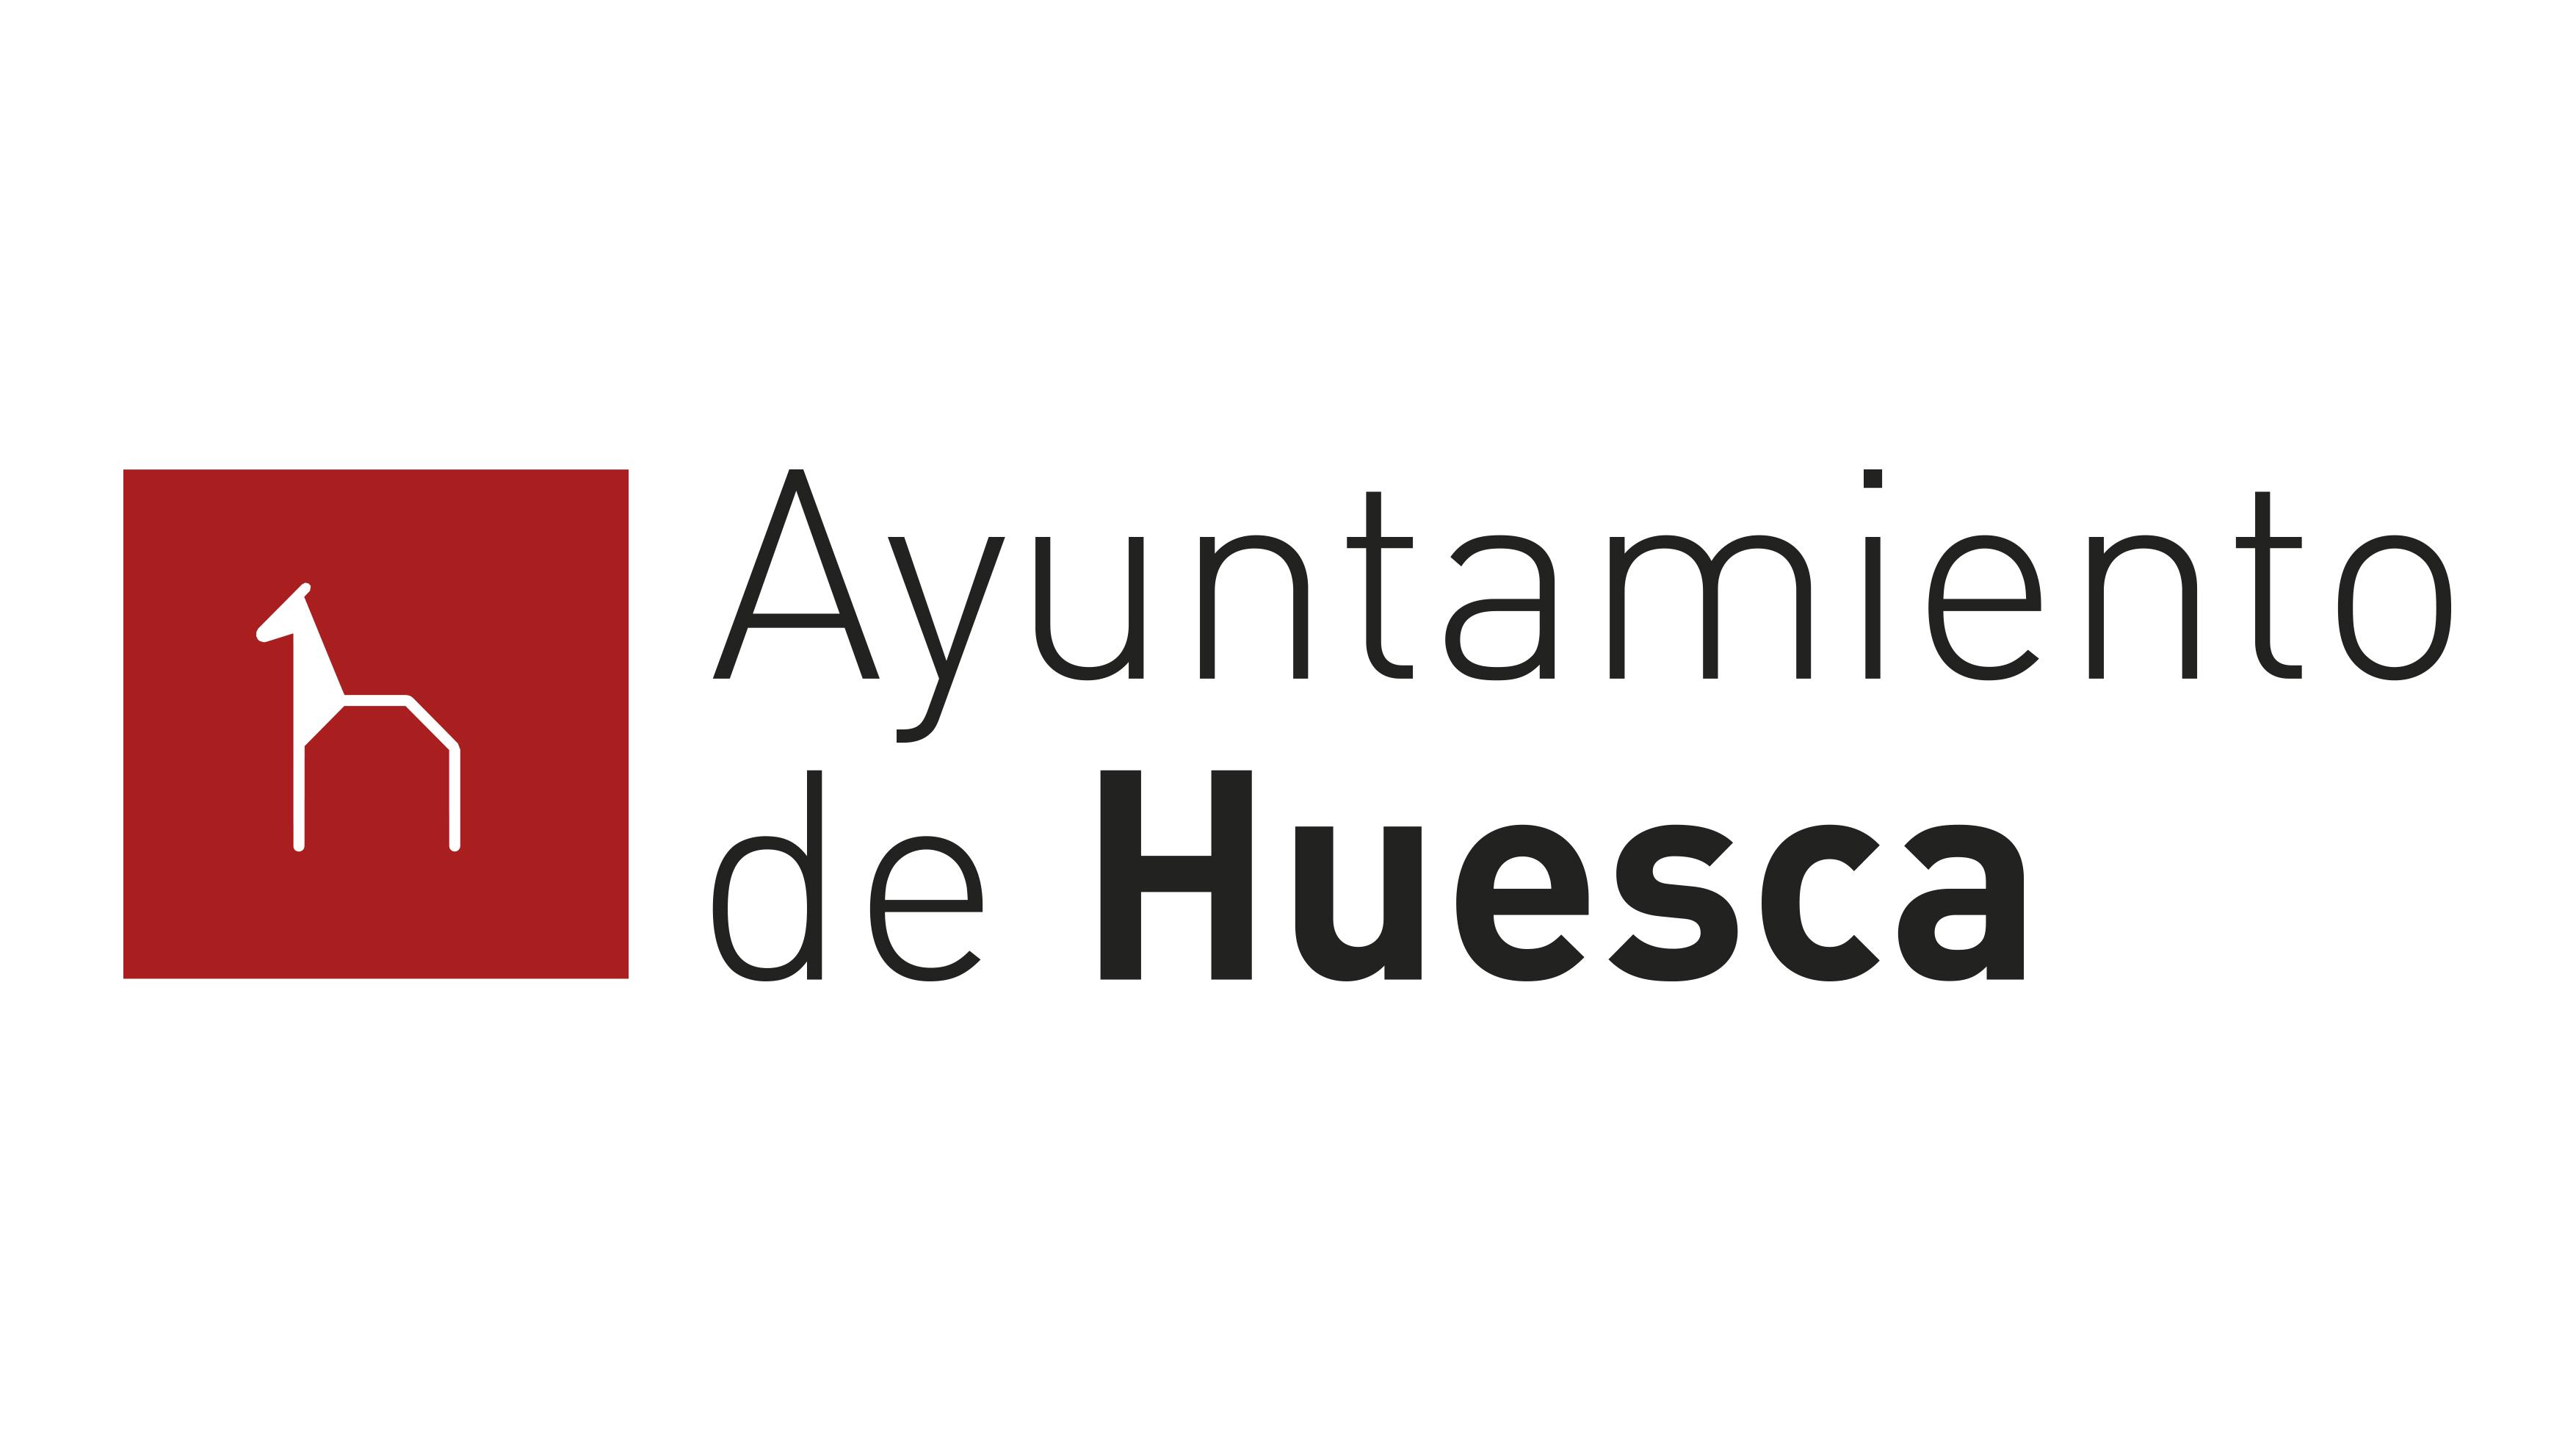 Ayuntamiento_Huesca_300